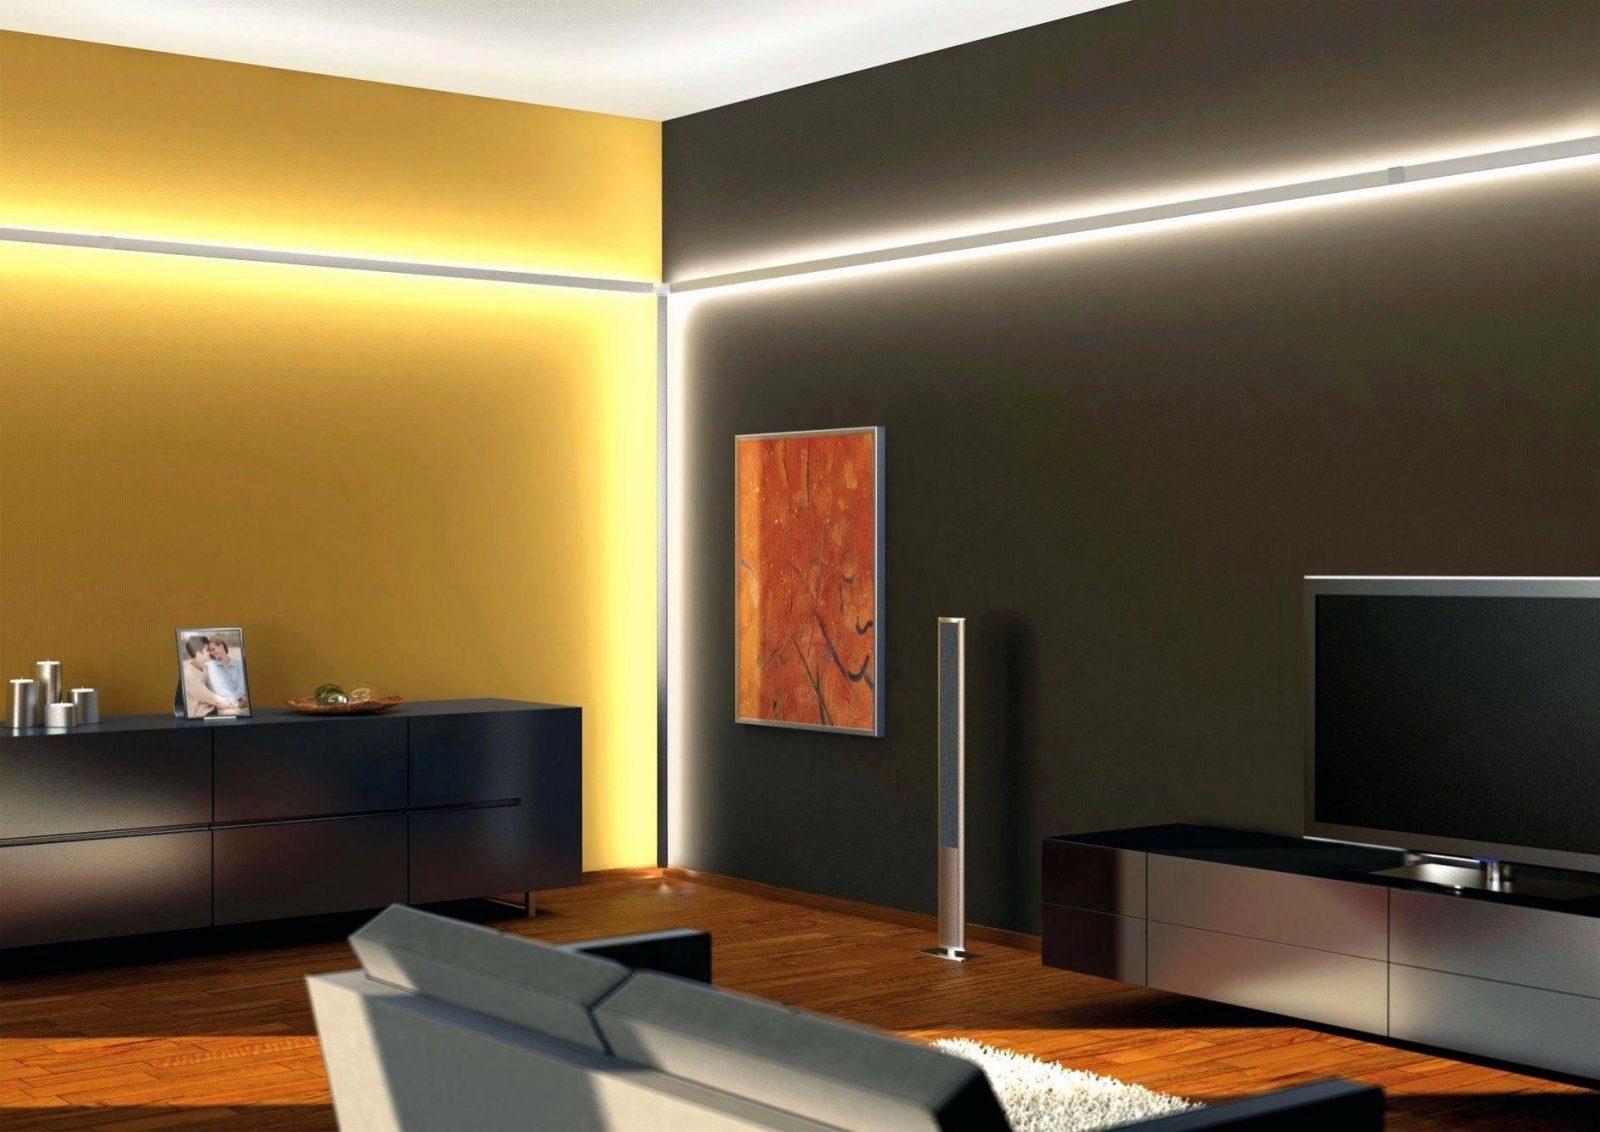 Indirekte Beleuchtung Wohnzimmer Selber Bauen Elegant Wunderschön von Led Beleuchtung Wohnzimmer Selber Bauen Photo